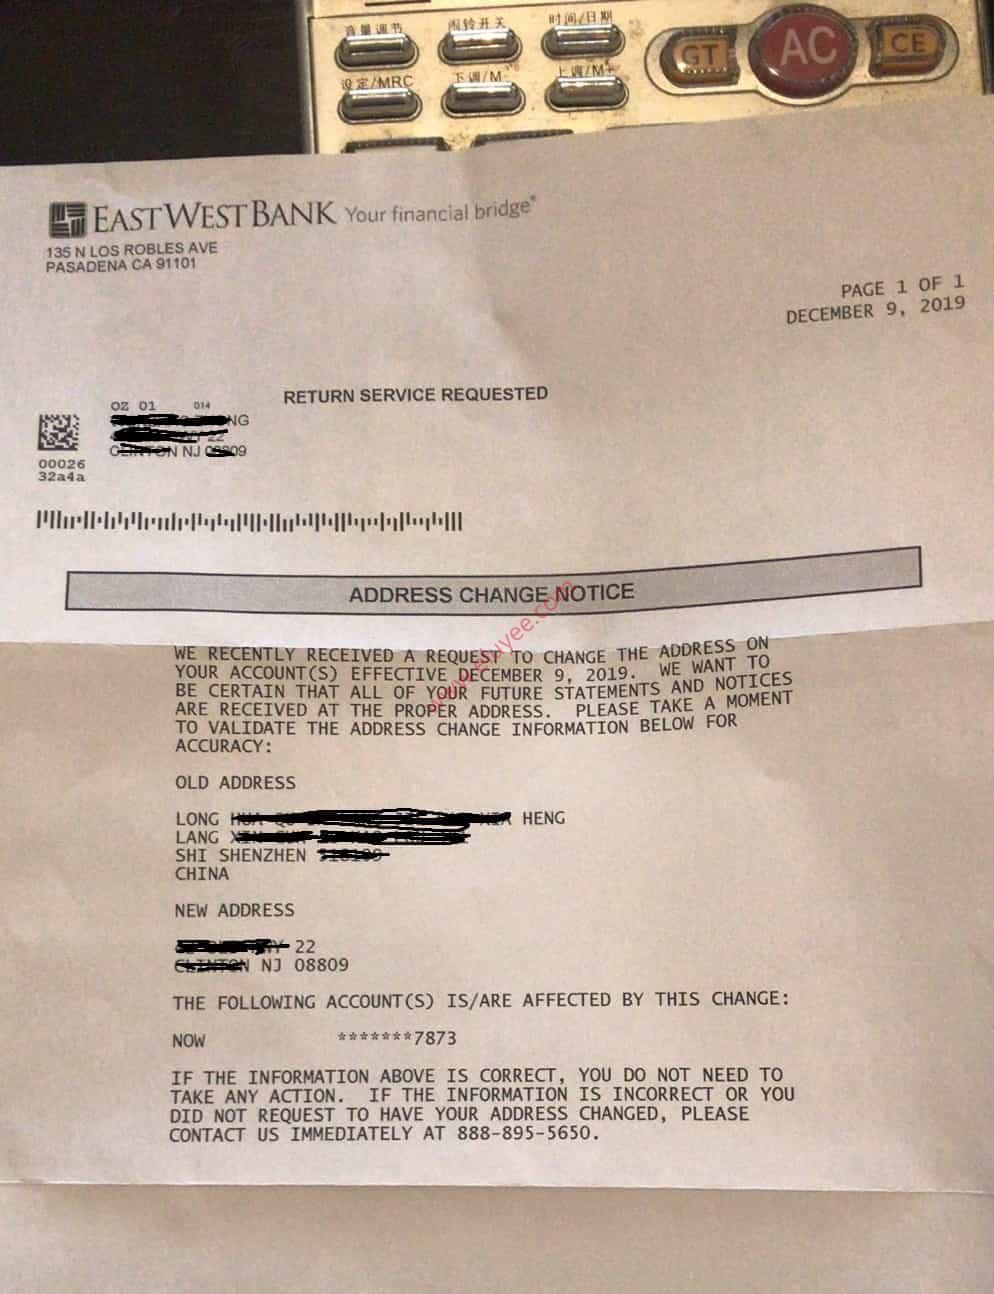 Velo银行地址变更信